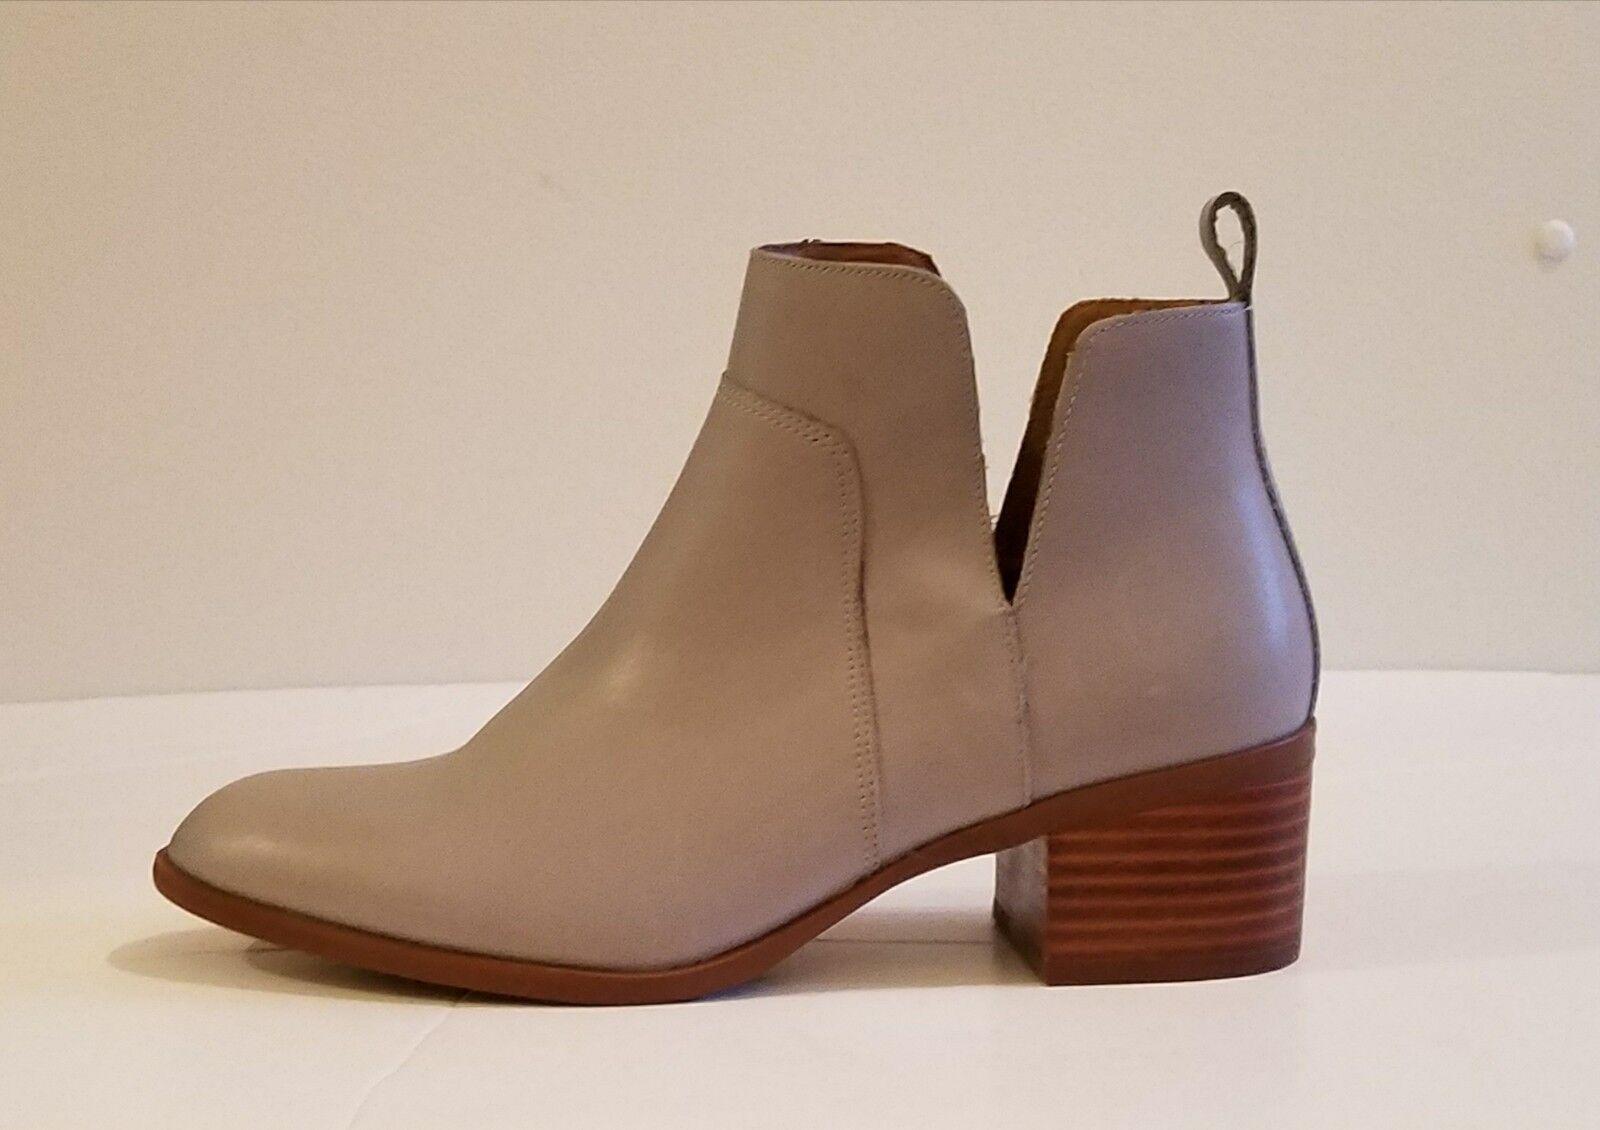 Sconto del 60% NWOB Franco Sarto Rosie Ladies' Leather     Ankle avvioies grigio sz 8  elementi di novità